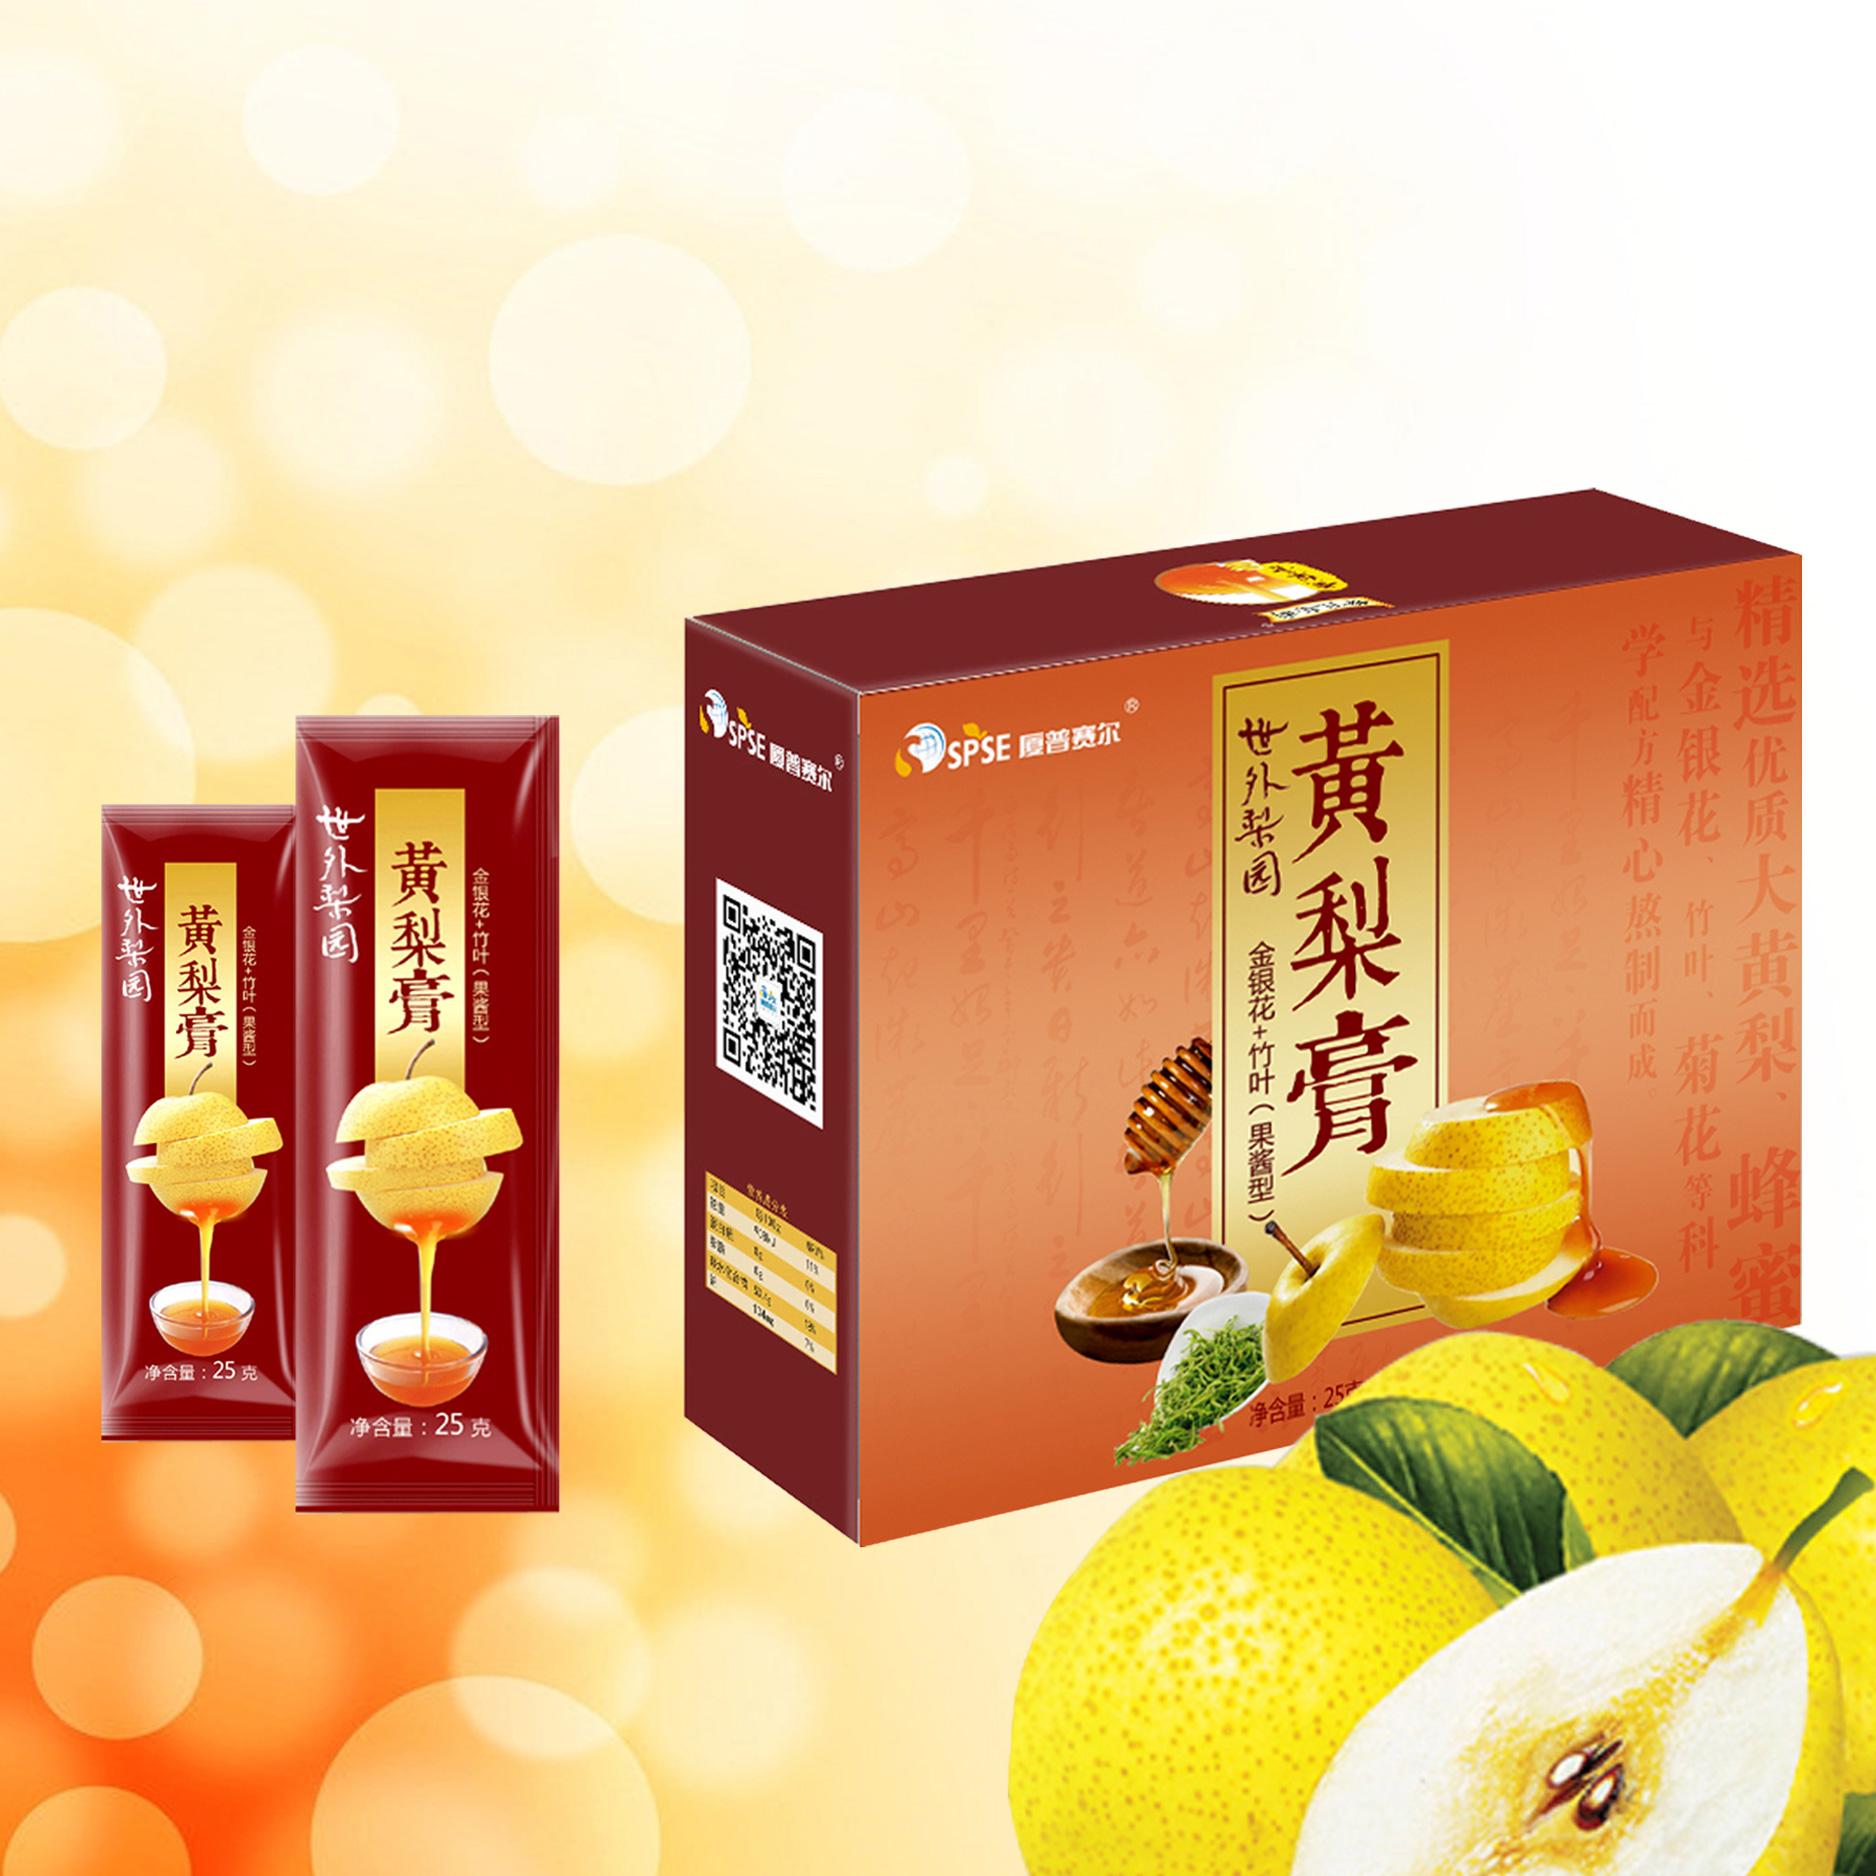 25g金銀花+淡竹葉黃梨膏